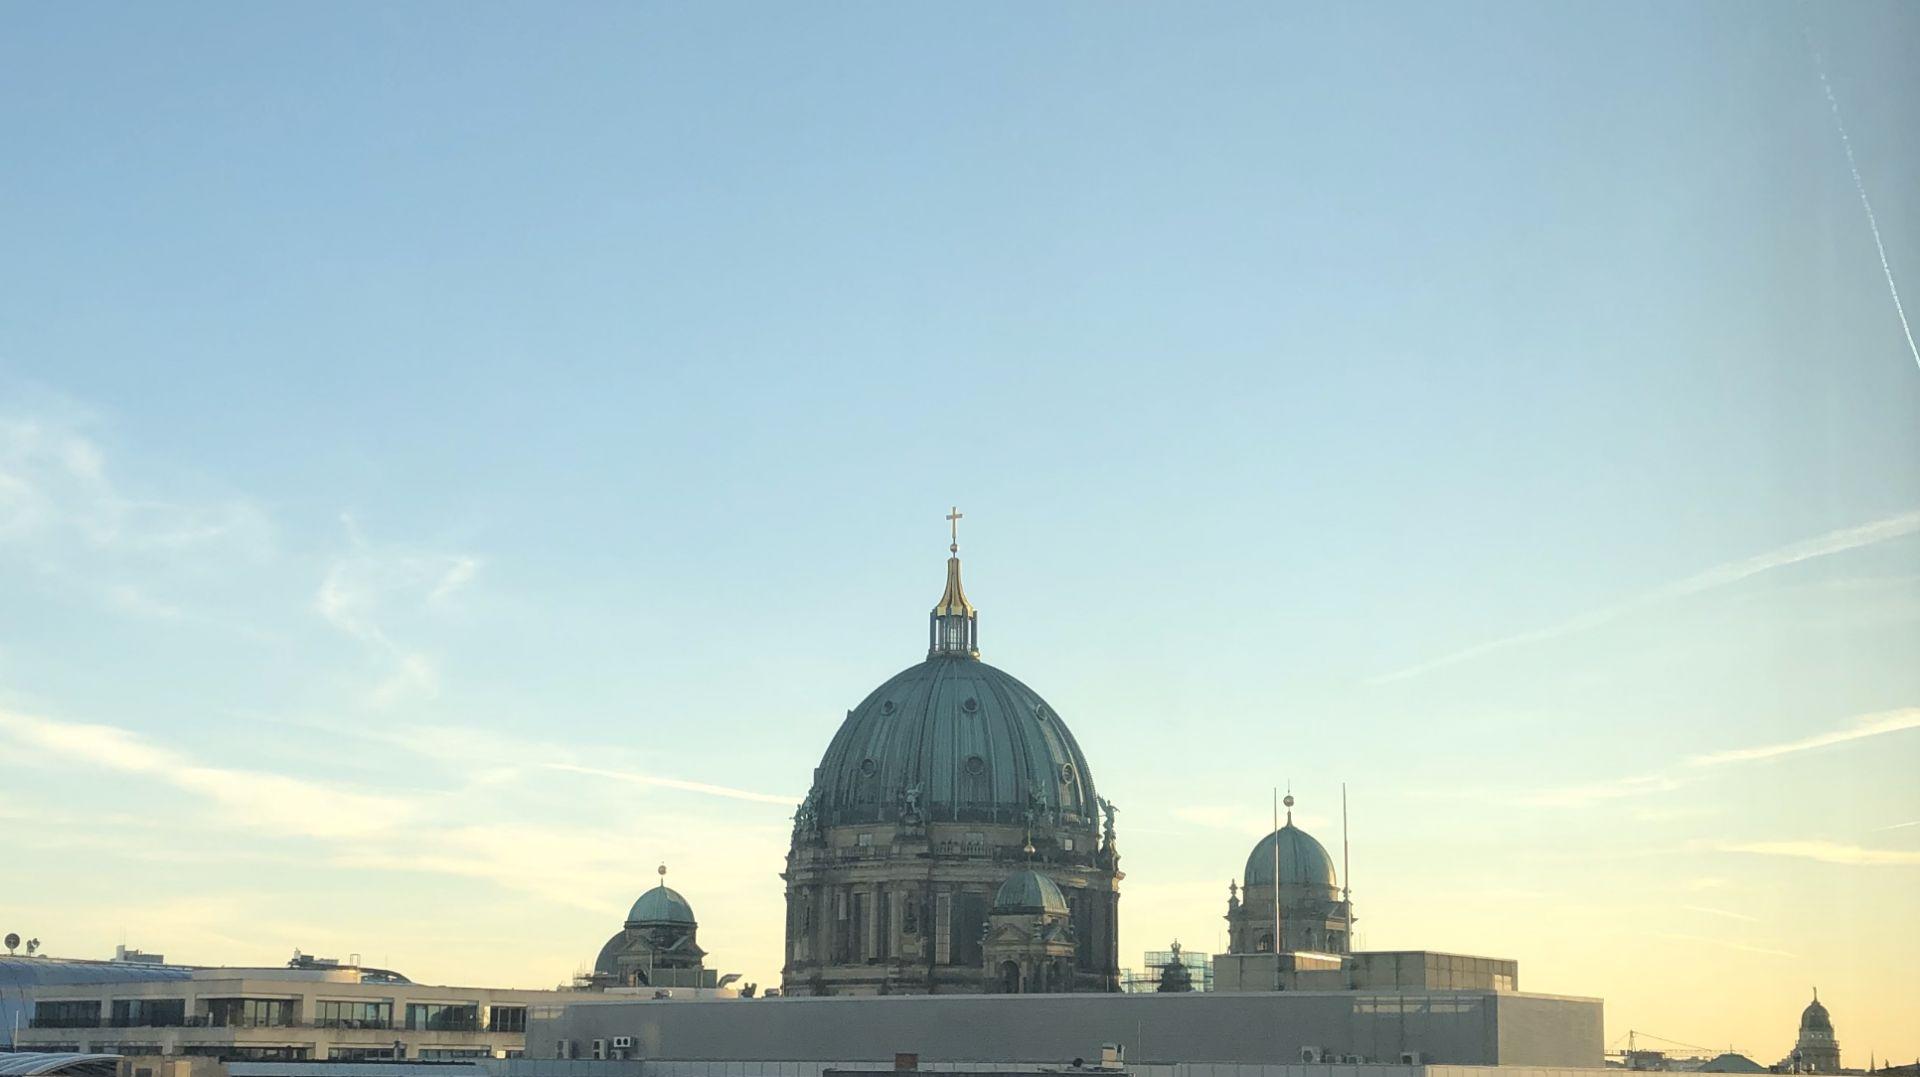 Lovestone, Berlin